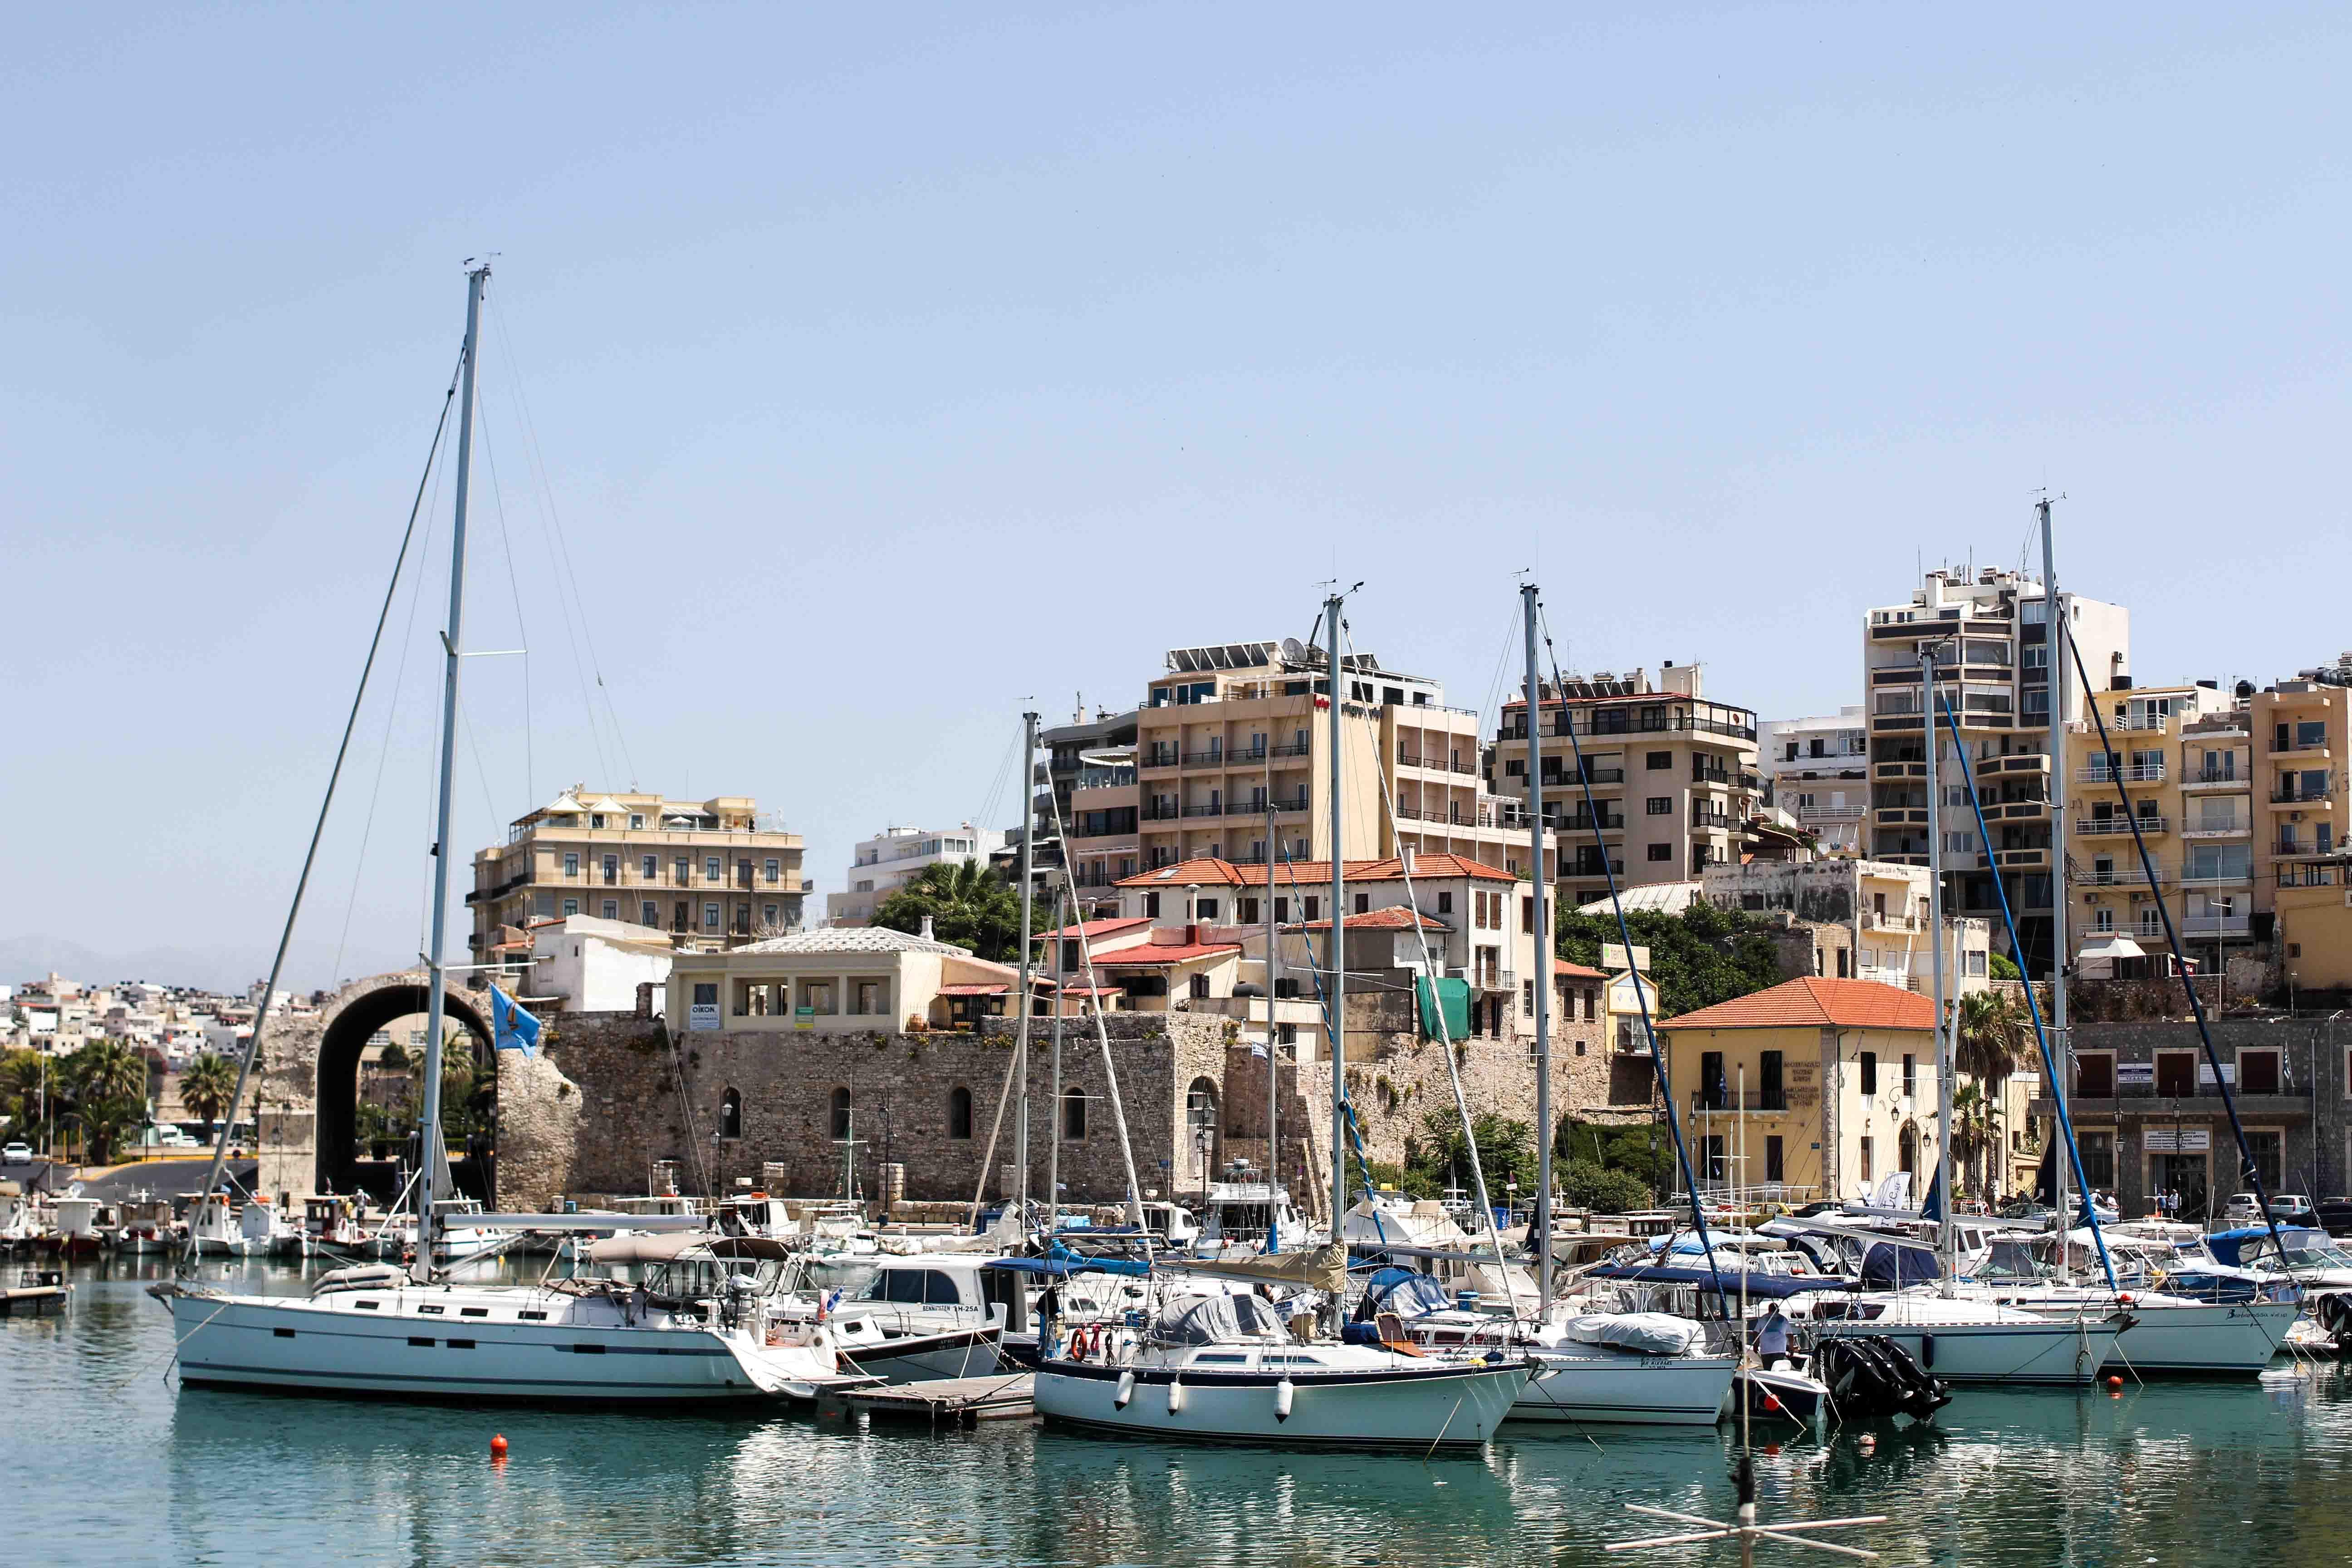 Top Kreta Sightseeing Kreta Sehenswürdigkeiten für einen Tagesausflug Heraklion Reiseblog venezianischer Hafen